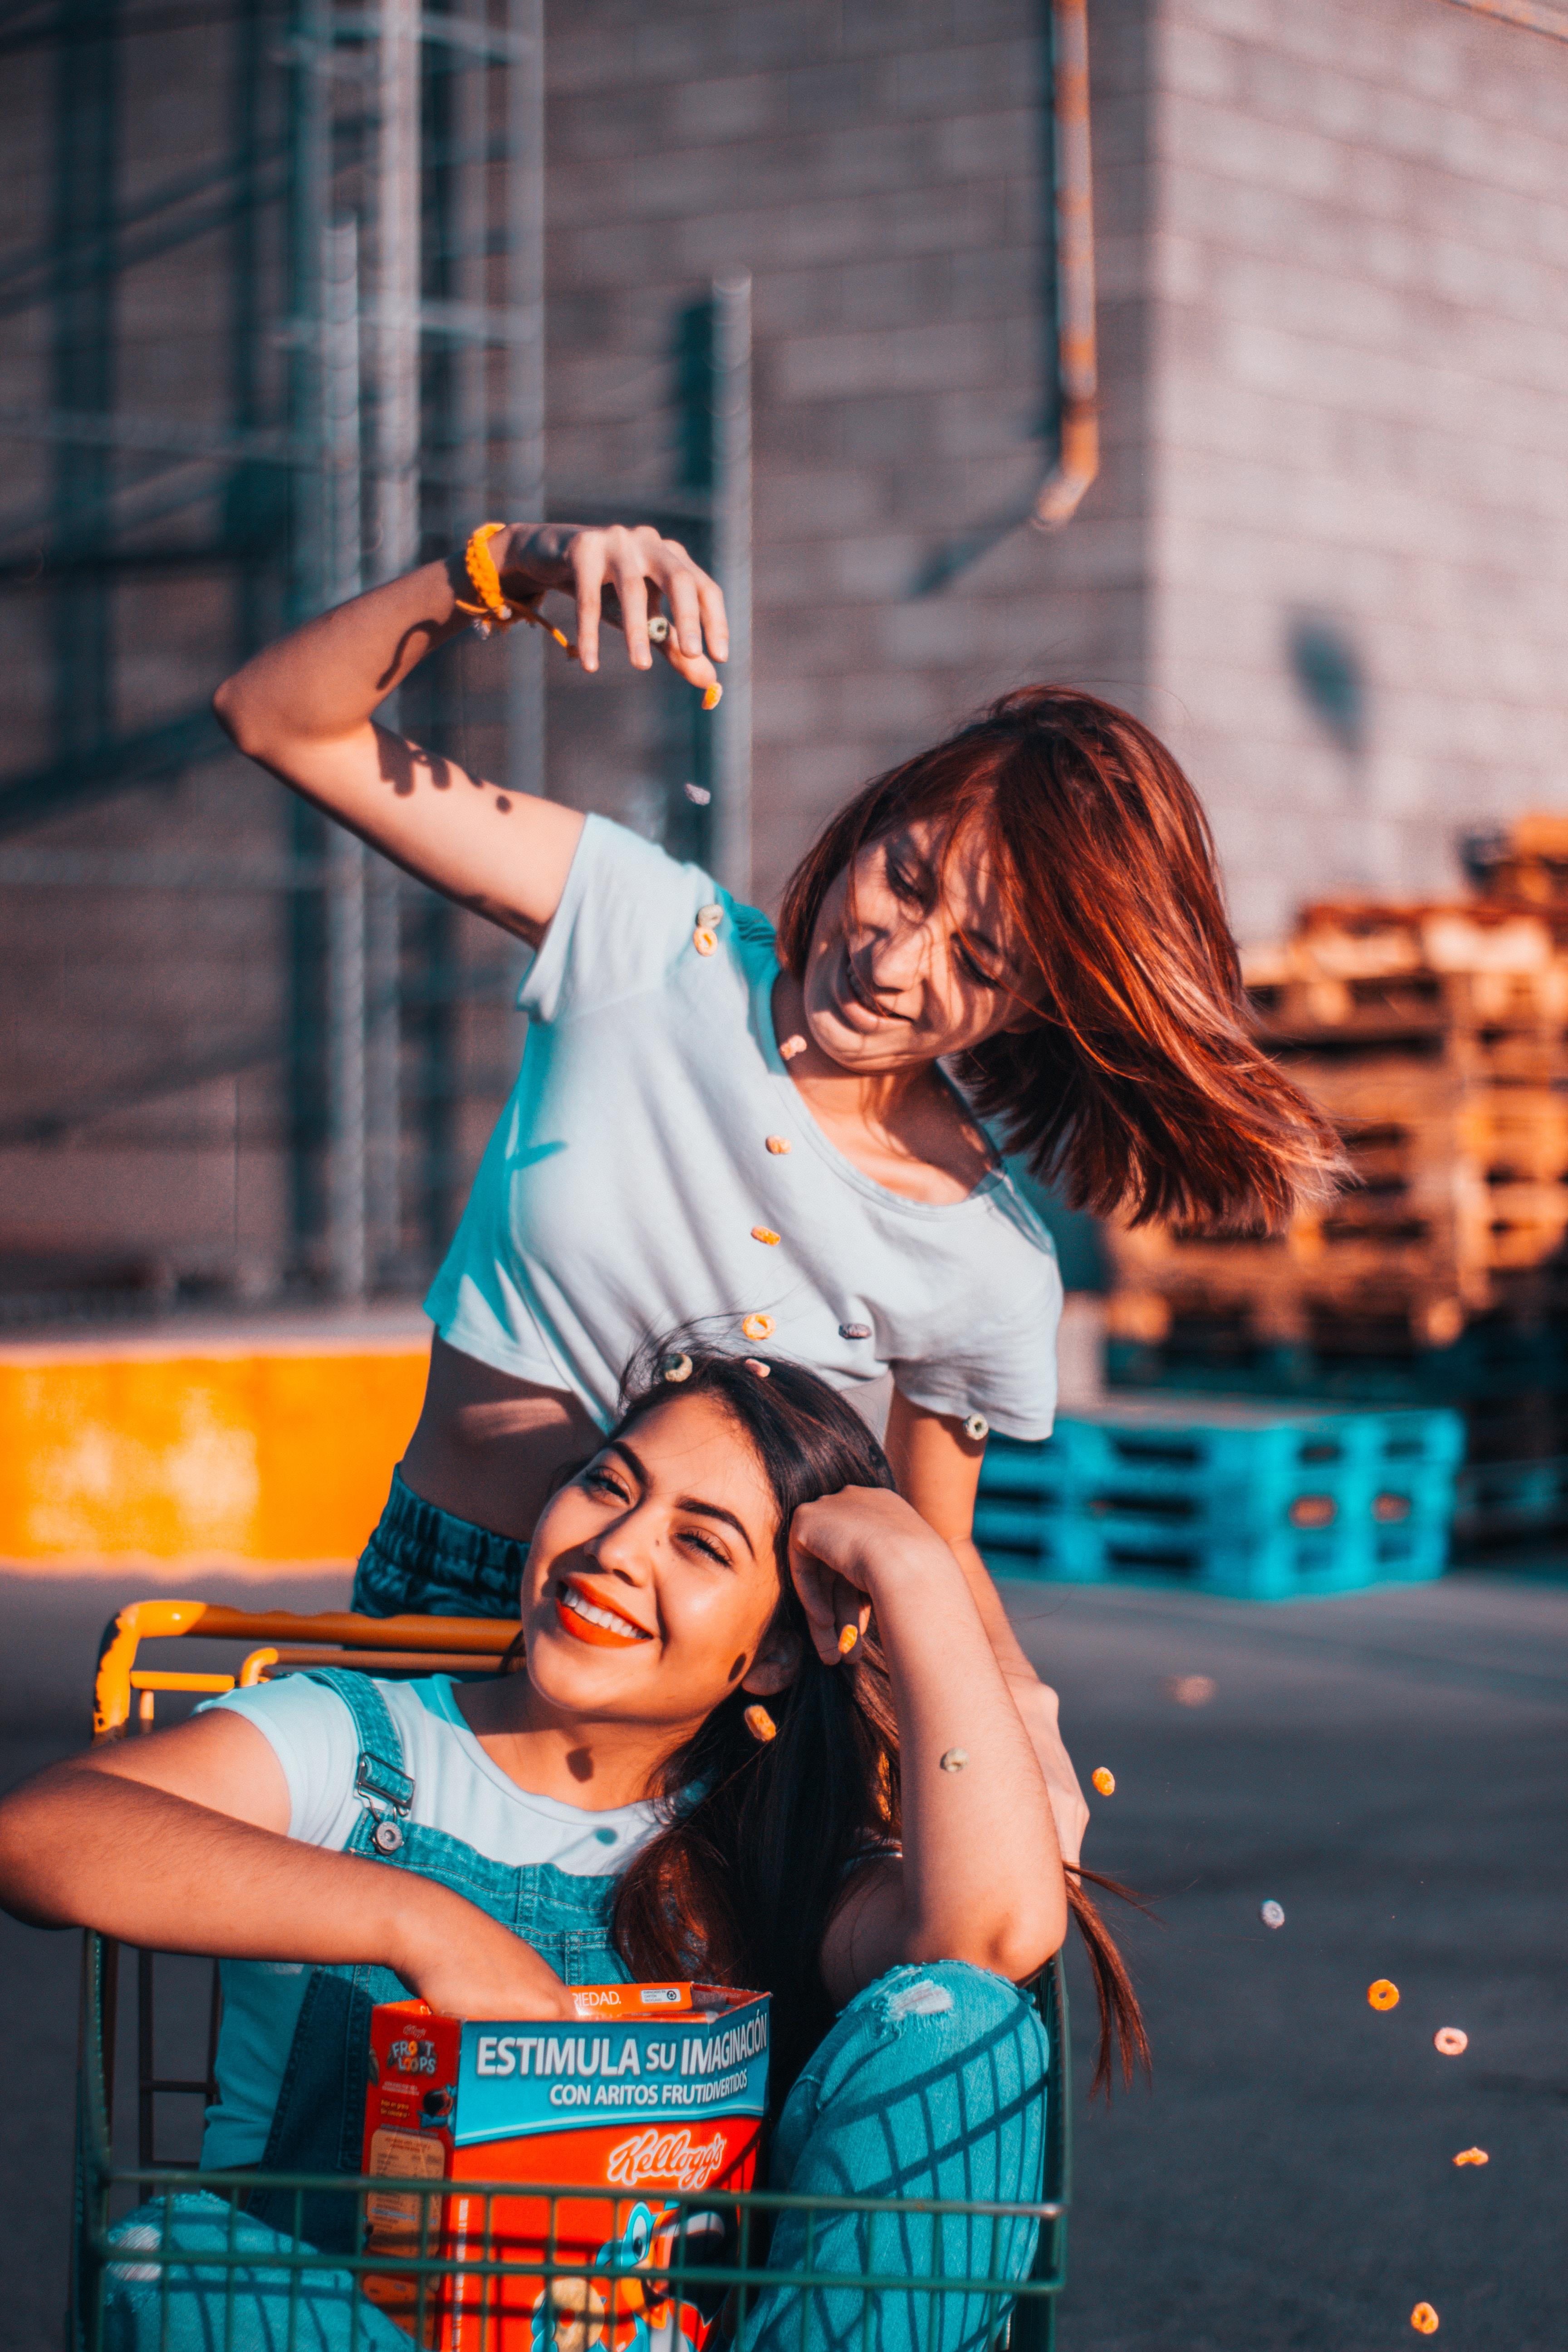 two women riding push cart